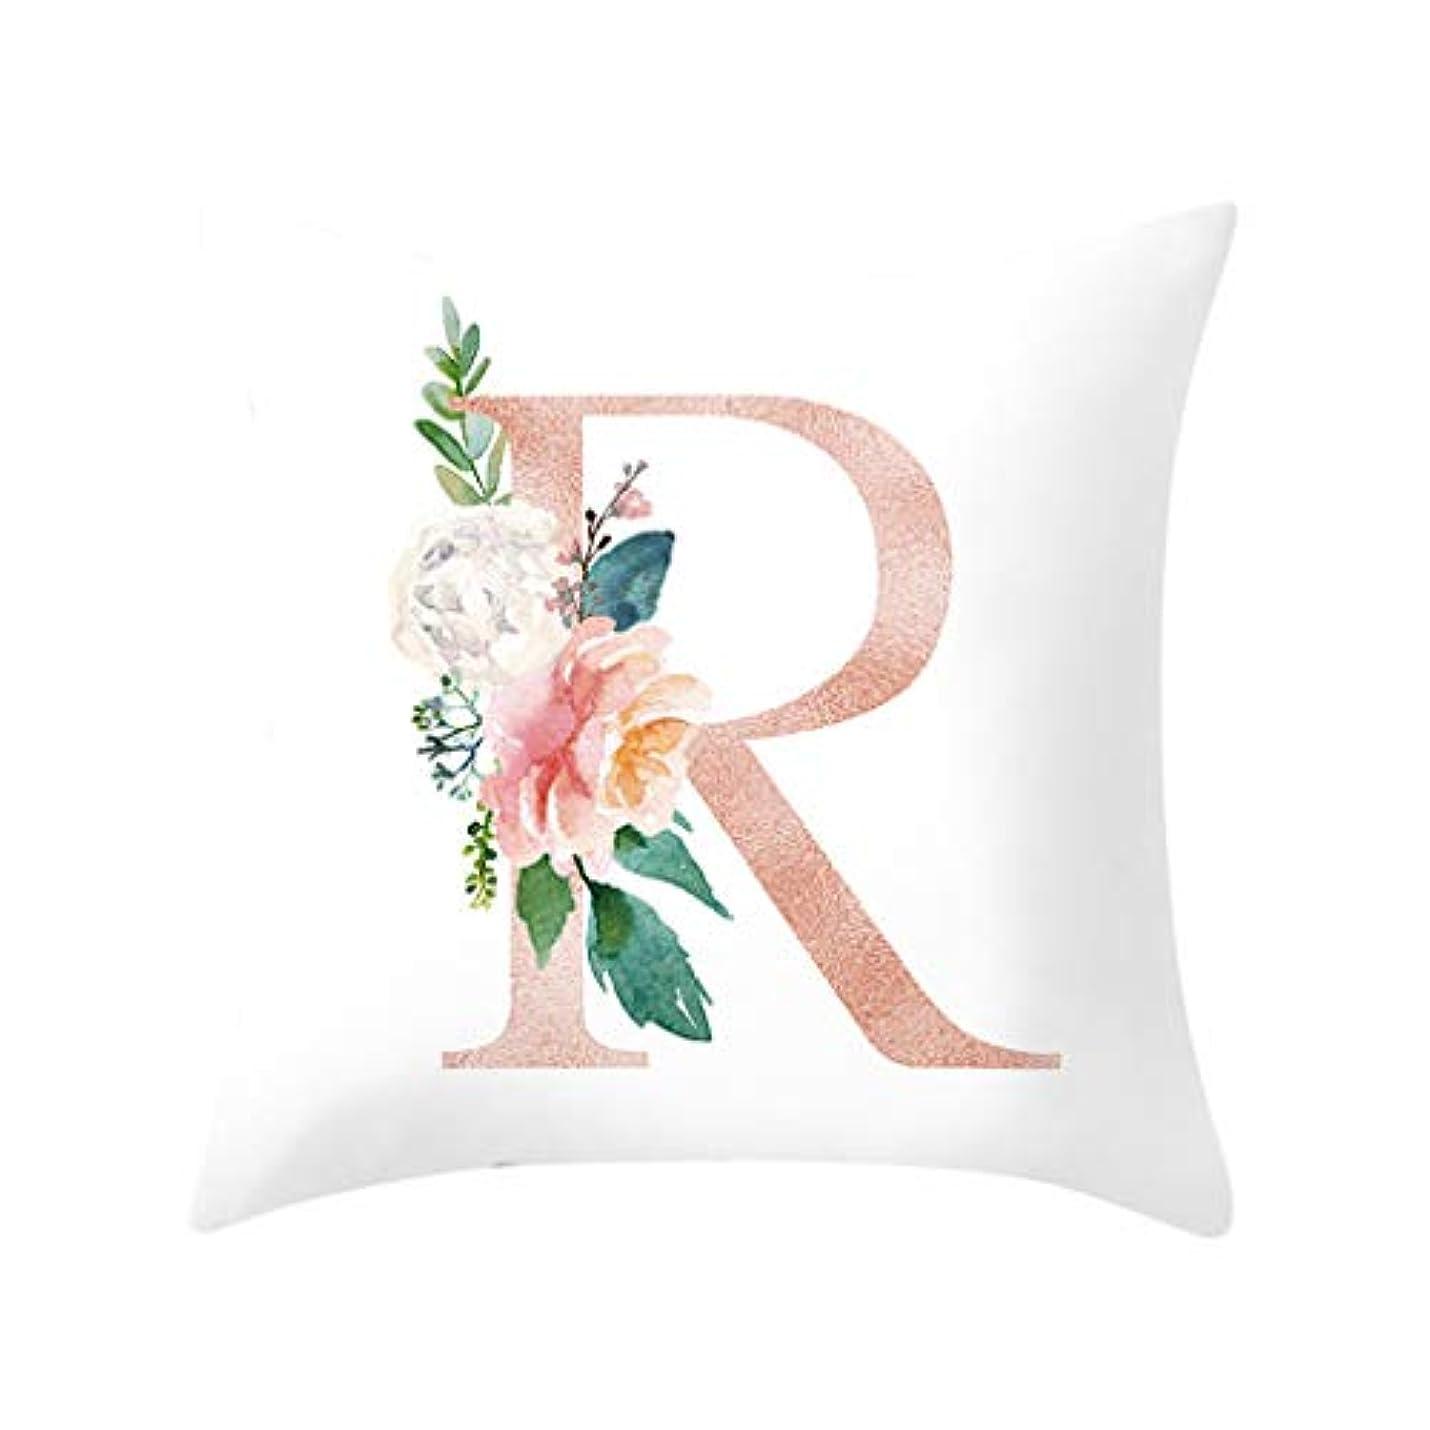 必須成長月曜LIFE 装飾クッションソファ手紙枕アルファベットクッション印刷ソファ家の装飾の花枕 coussin decoratif クッション 椅子